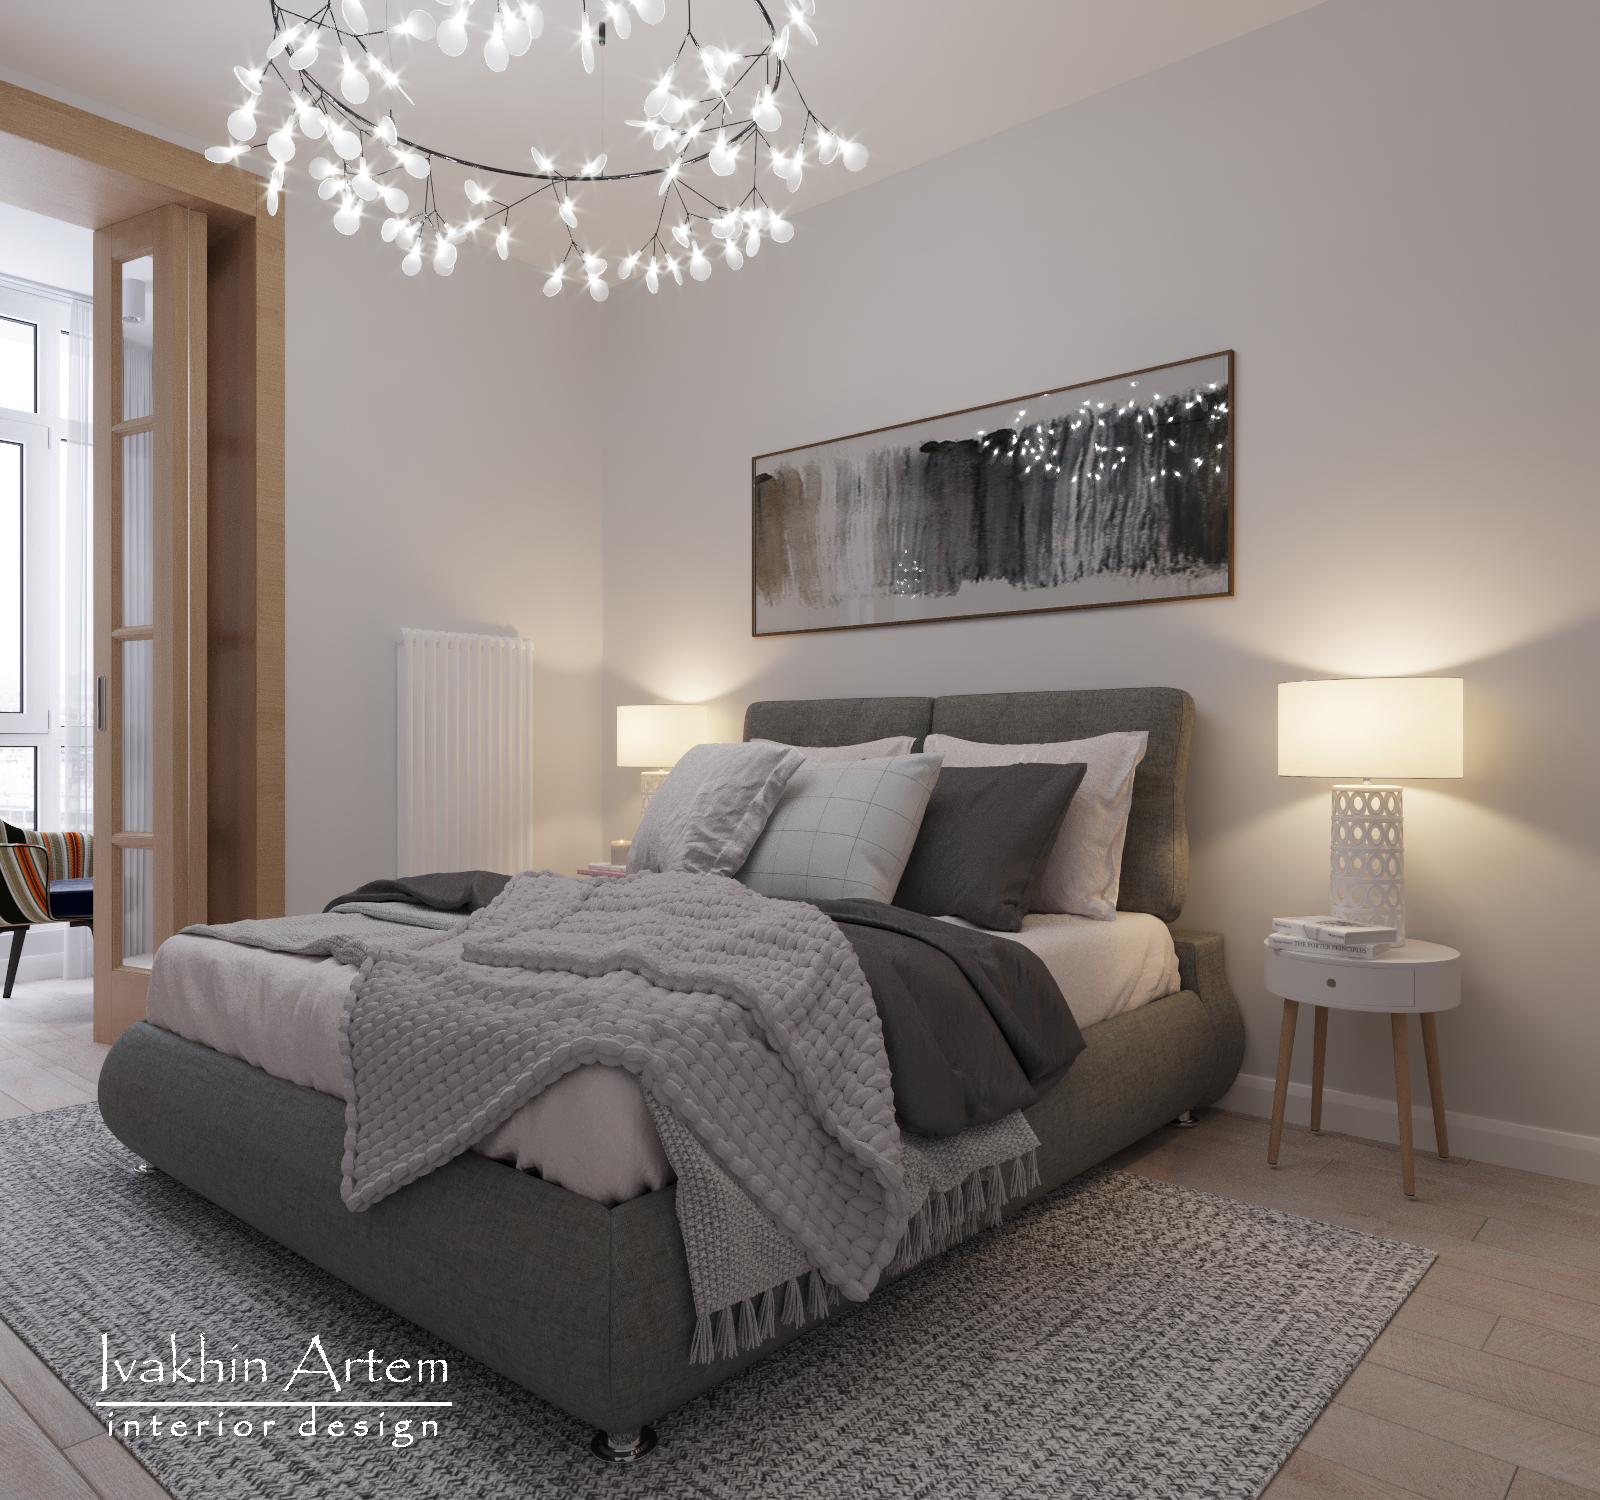 планировка квартиры в арабском